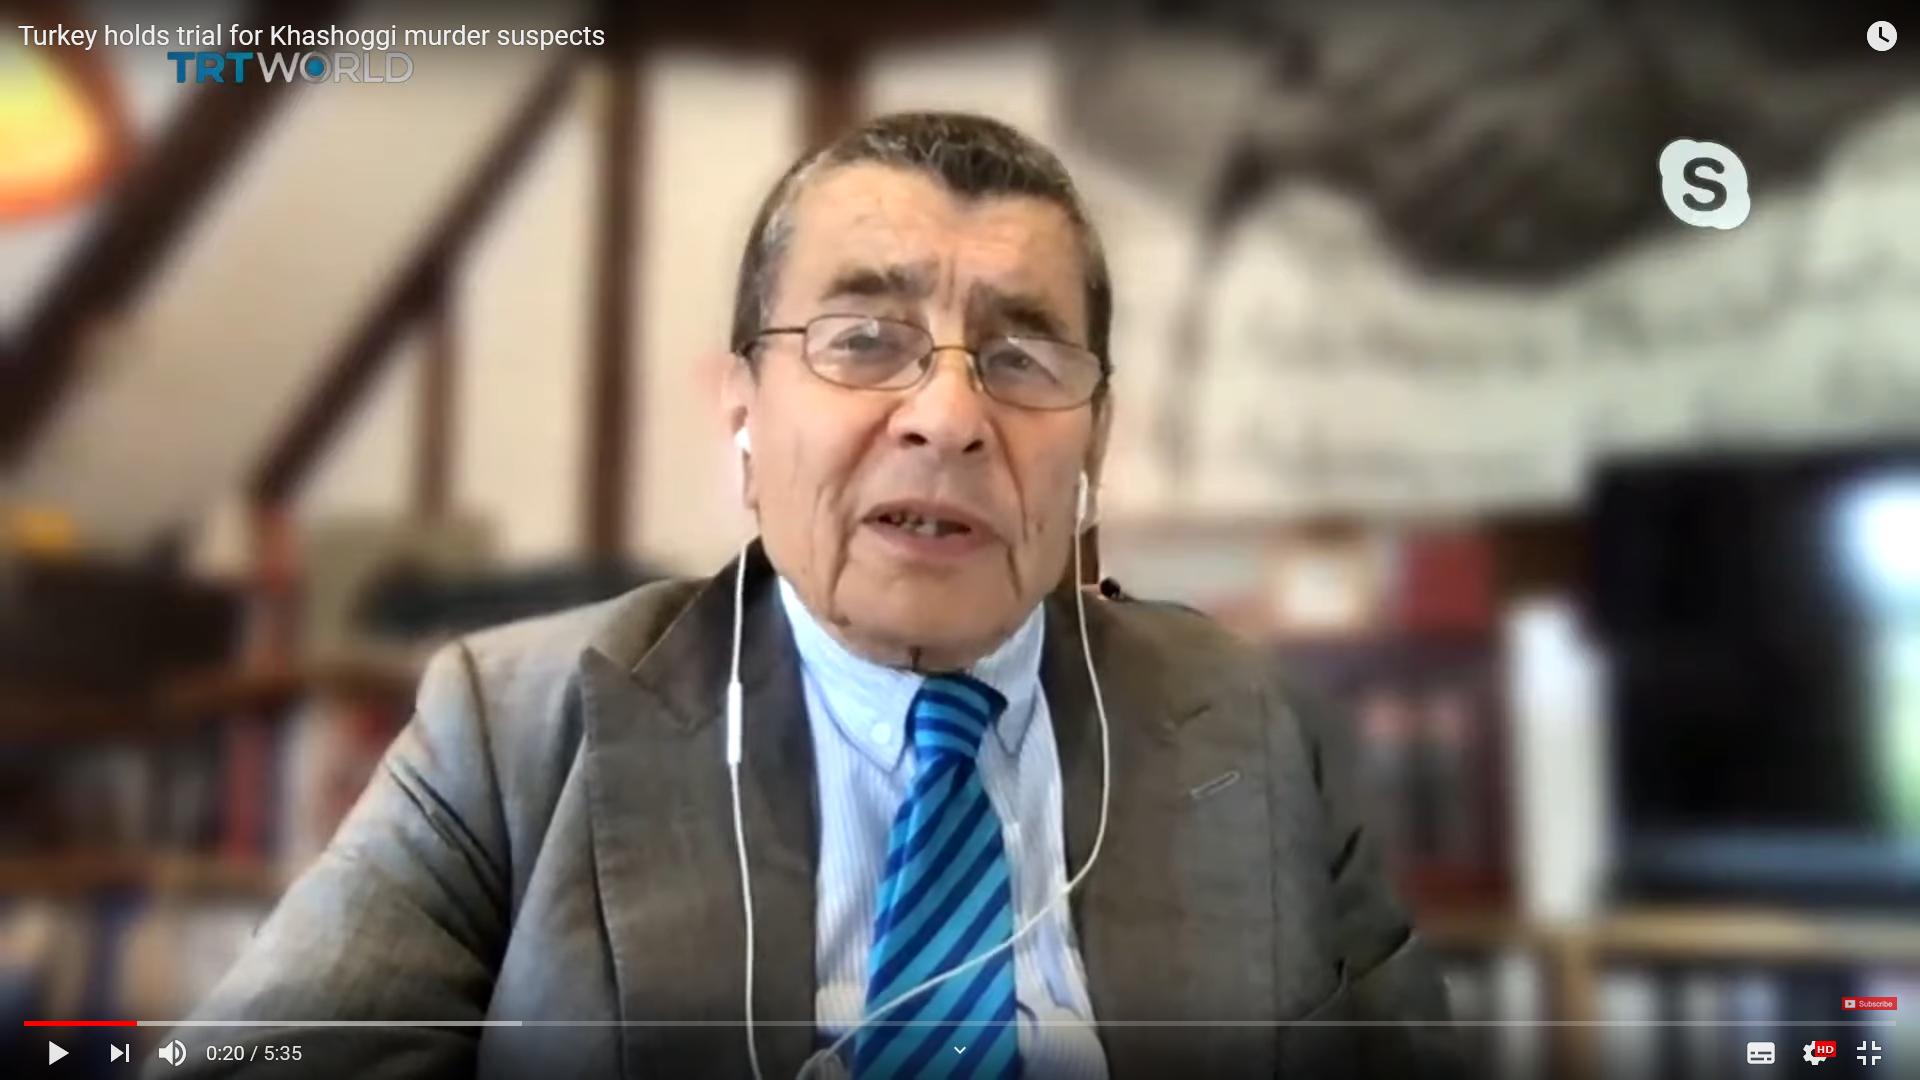 Sir Geoffrey Nice on TRT World – Turkey holds trial for Khashoggi murder suspects